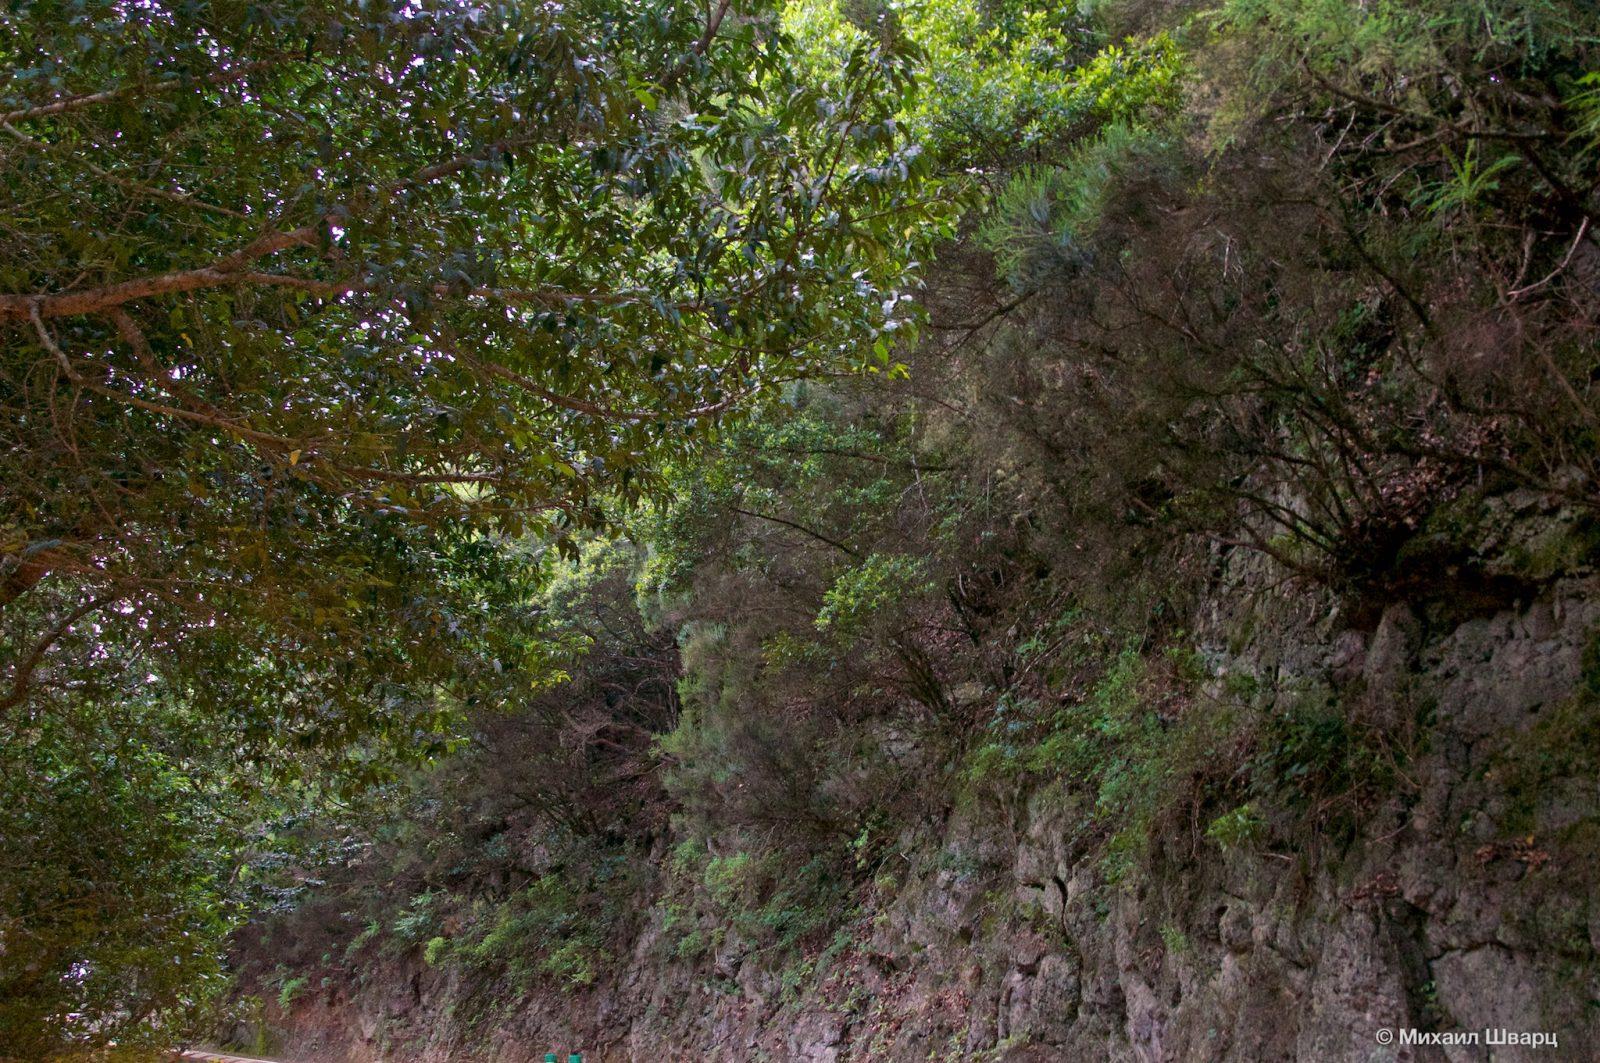 Буйная растительность вдоль дороги